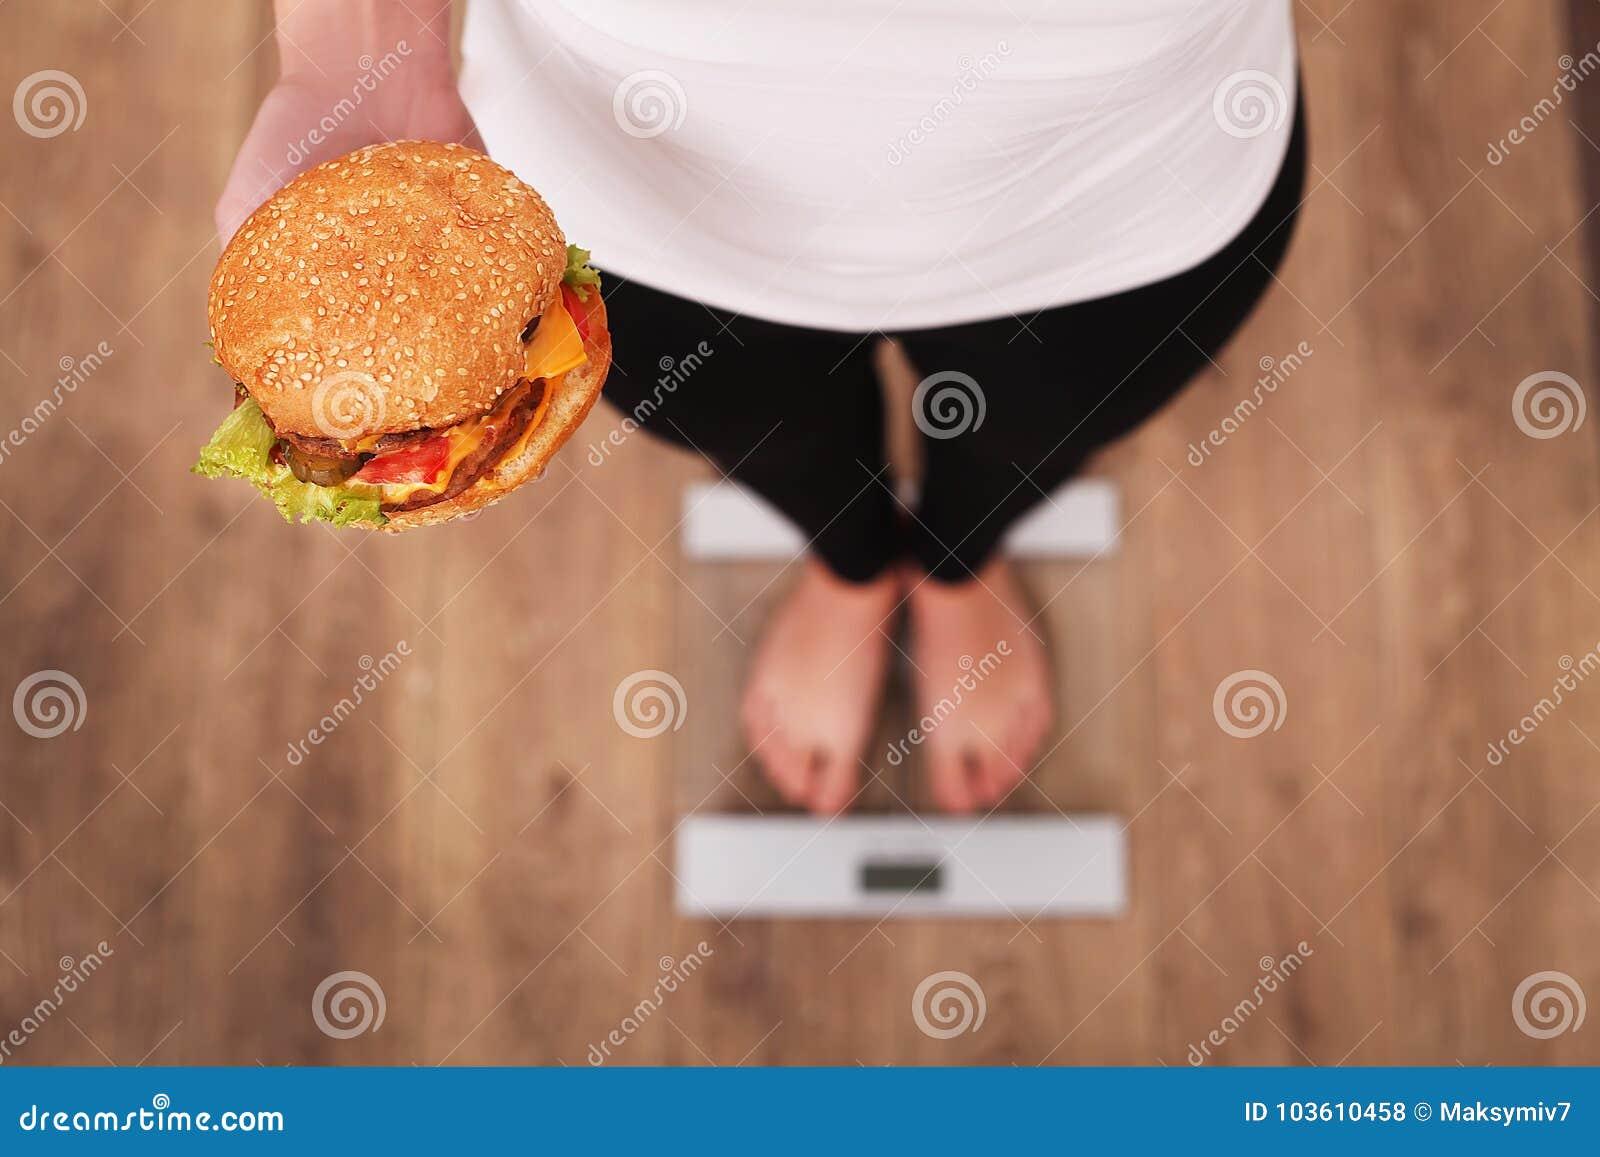 Dieta Peso corporal de medição da mulher na escala de peso que guarda o hamburguer e a maçã Os doces são comida lixo insalubre Fa